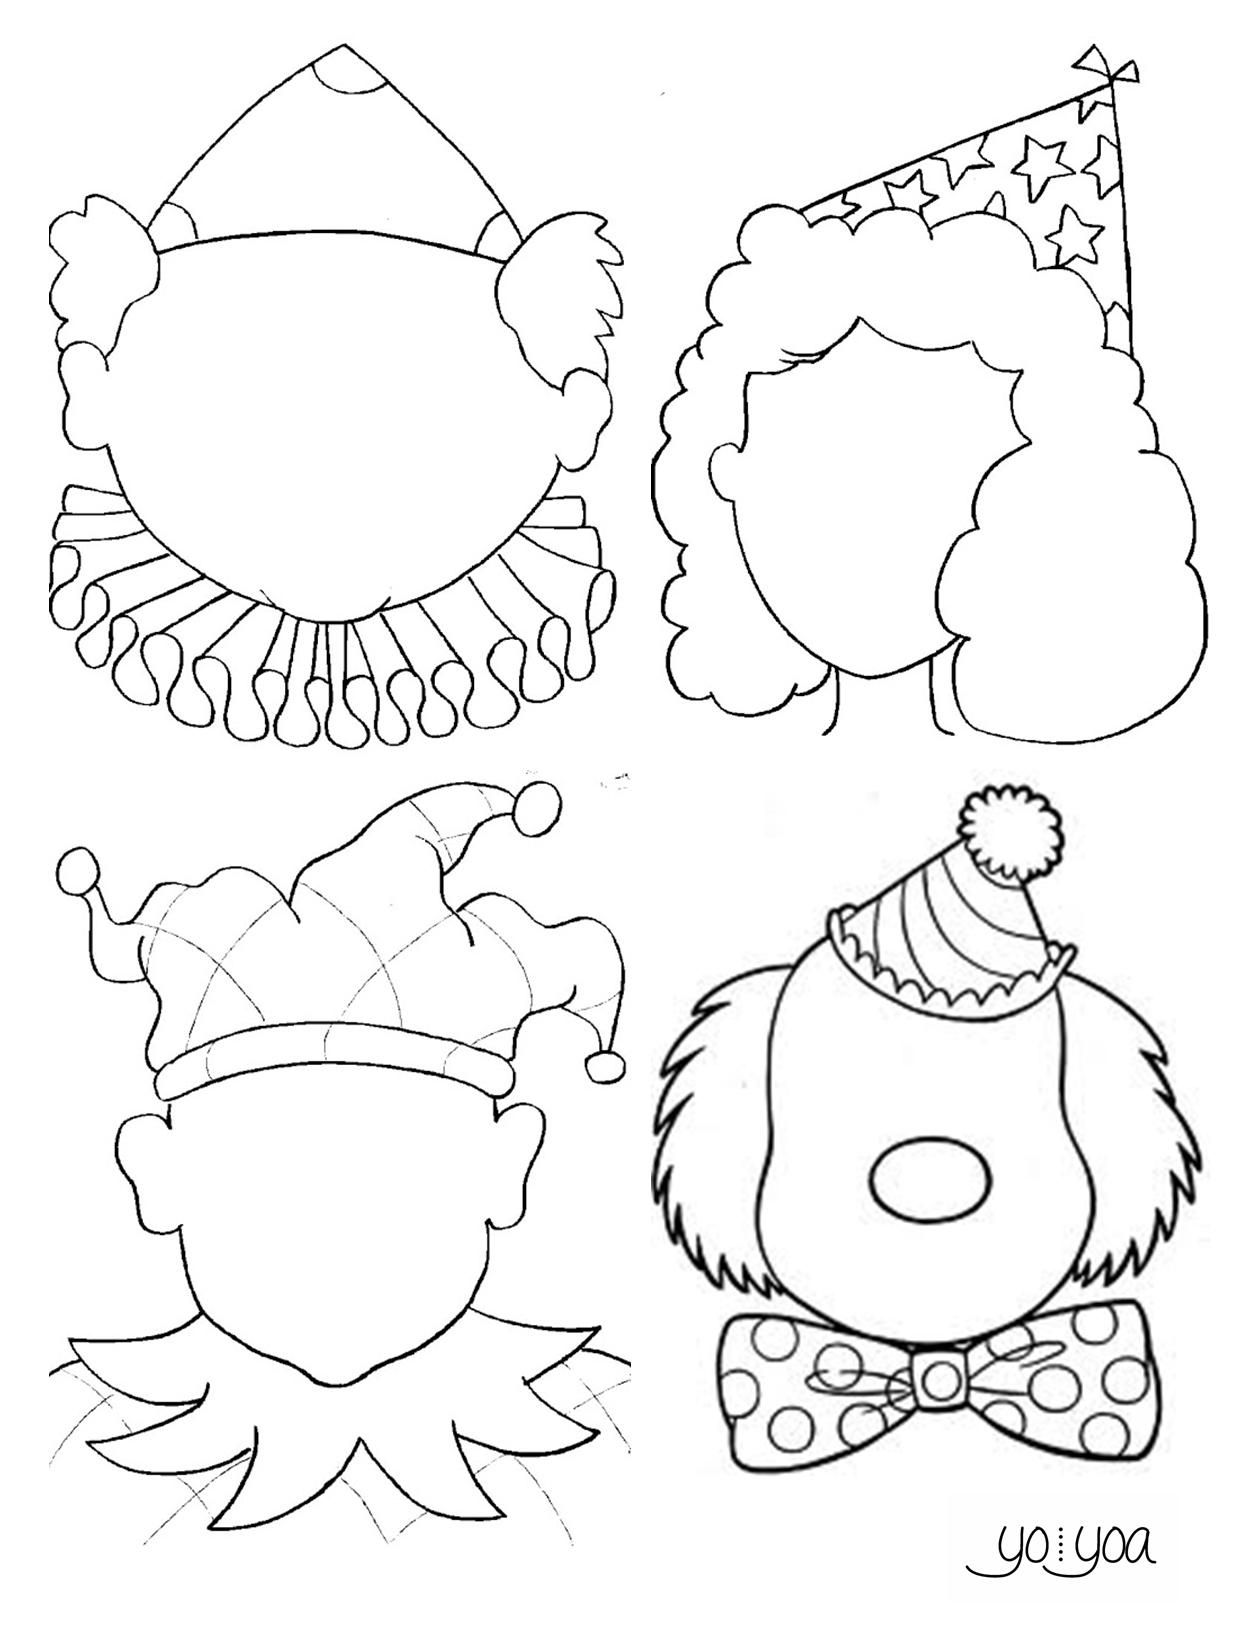 Caretas Para Dibujar El Rostro Y La Expresion Colorear Maquillando Recortar Y Decorar Arlequin Hada Y Payaso Art Lessons Drawing Course Art Drawings